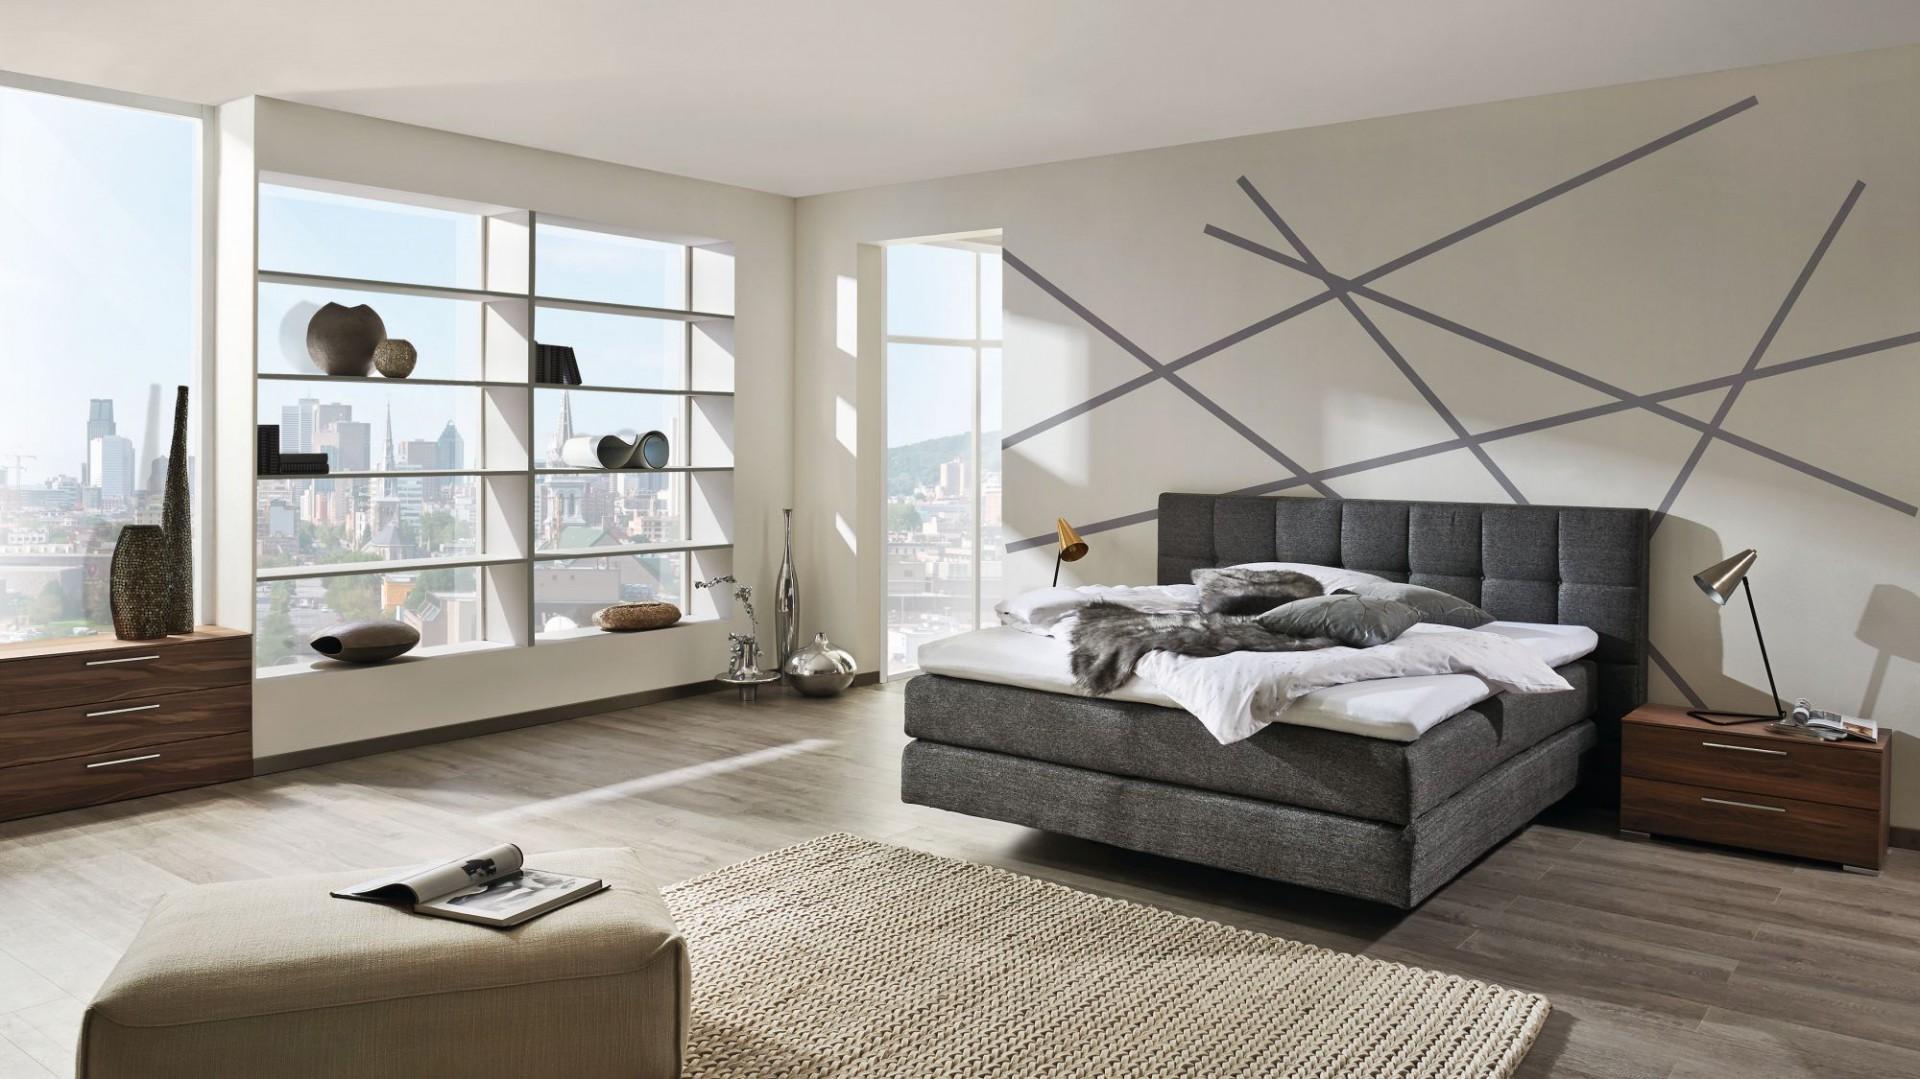 Zobacz 20 pięknych łóżek tapicerowanych w całości!